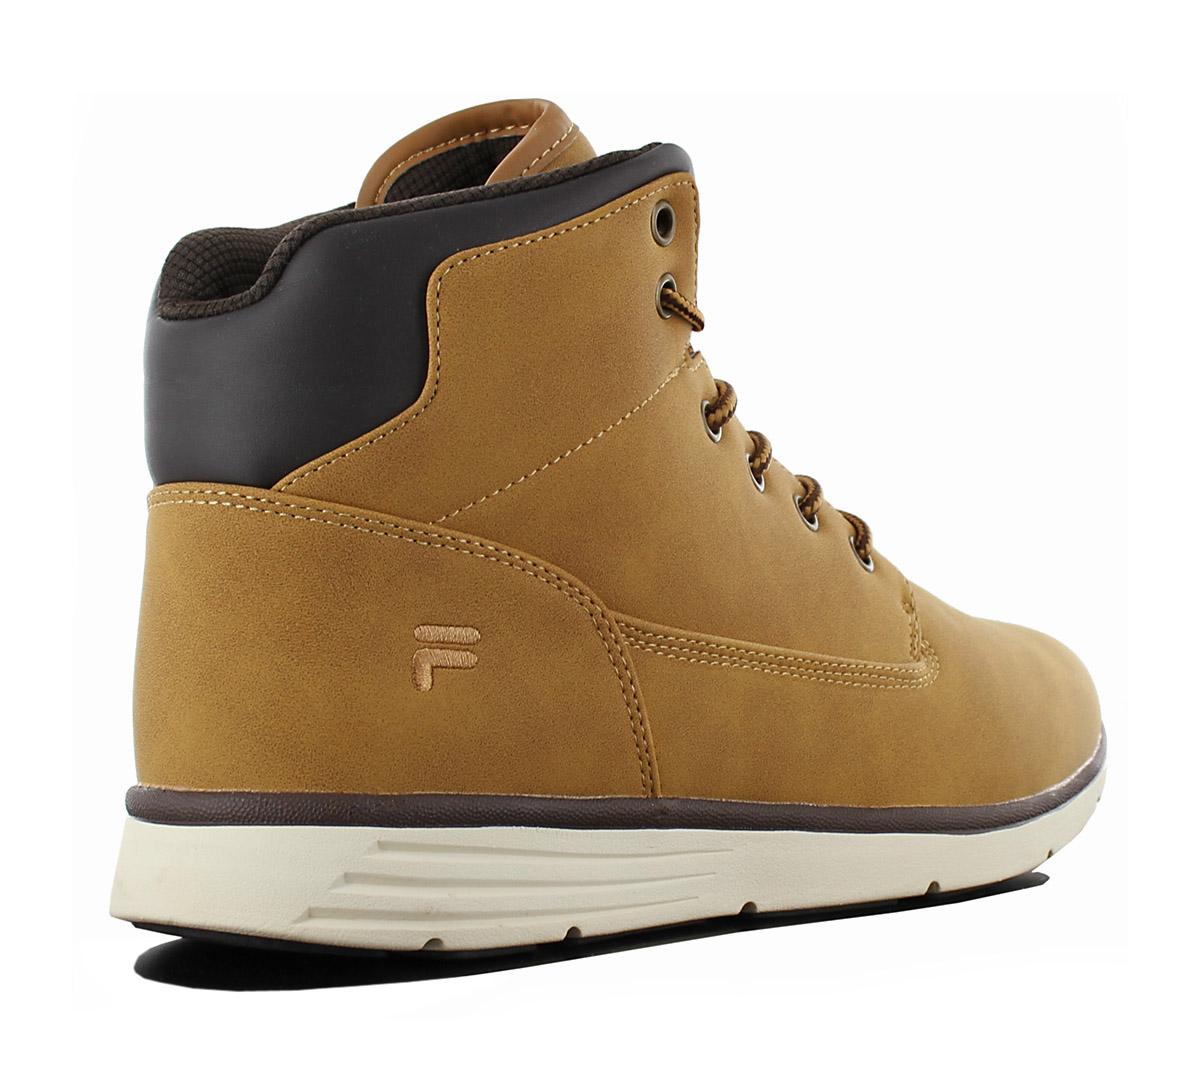 Fila Lance mid Winter Boots Men's Shoe Sneaker Beige Brown